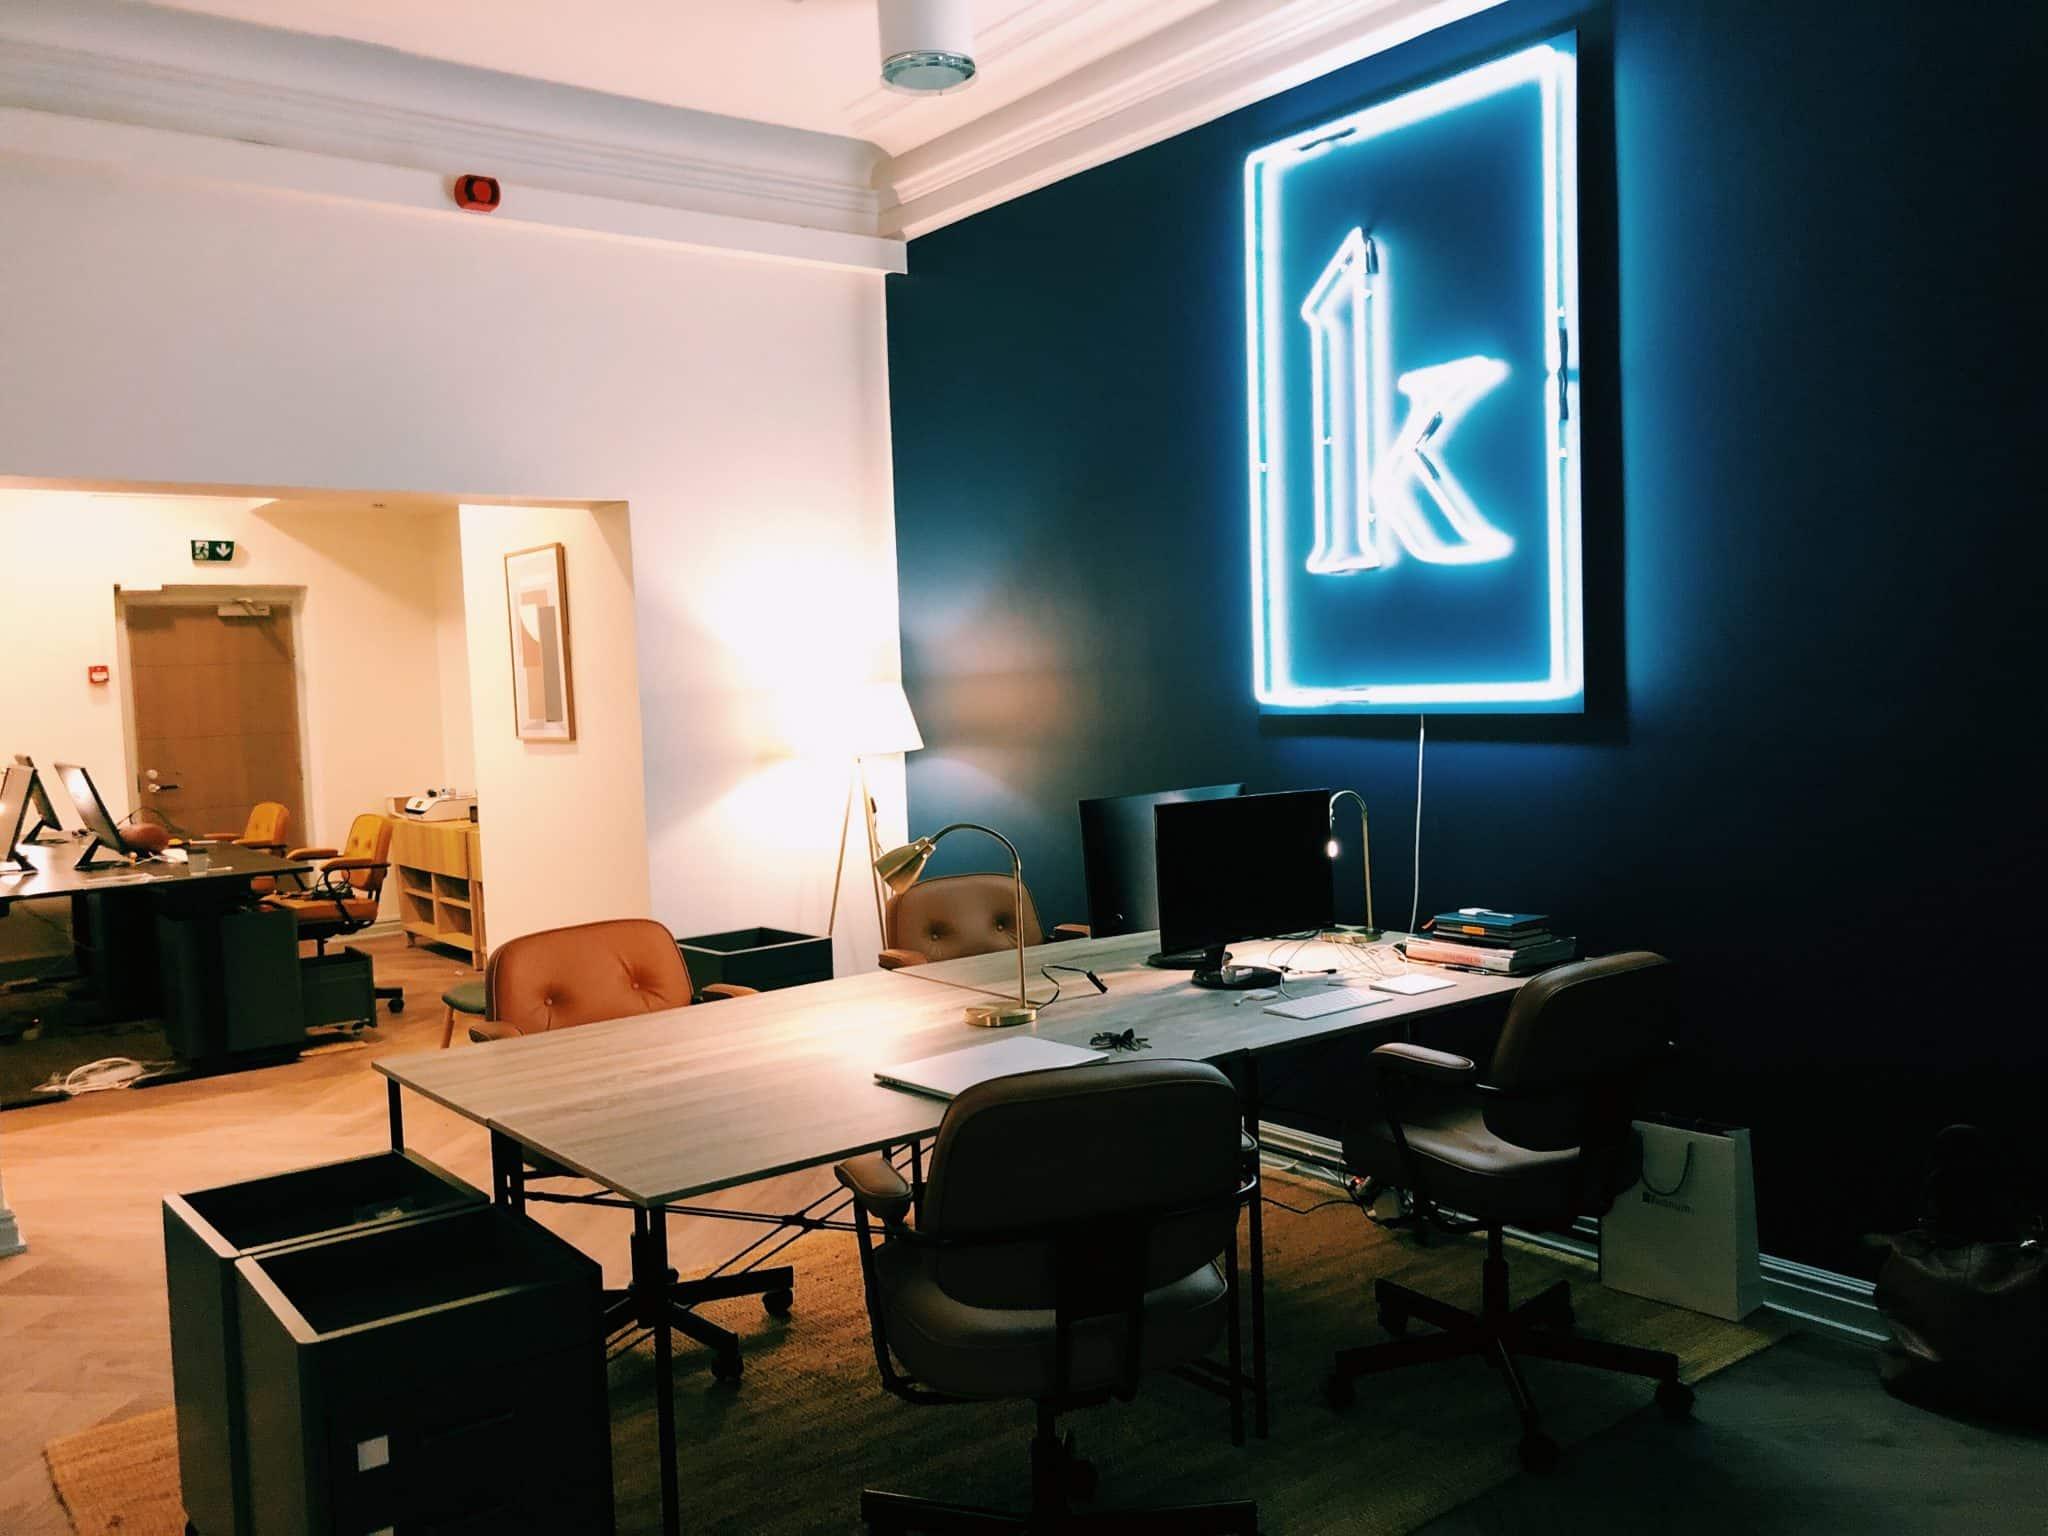 Kornerin vanha toimisto, jonka seinällä K-logo.